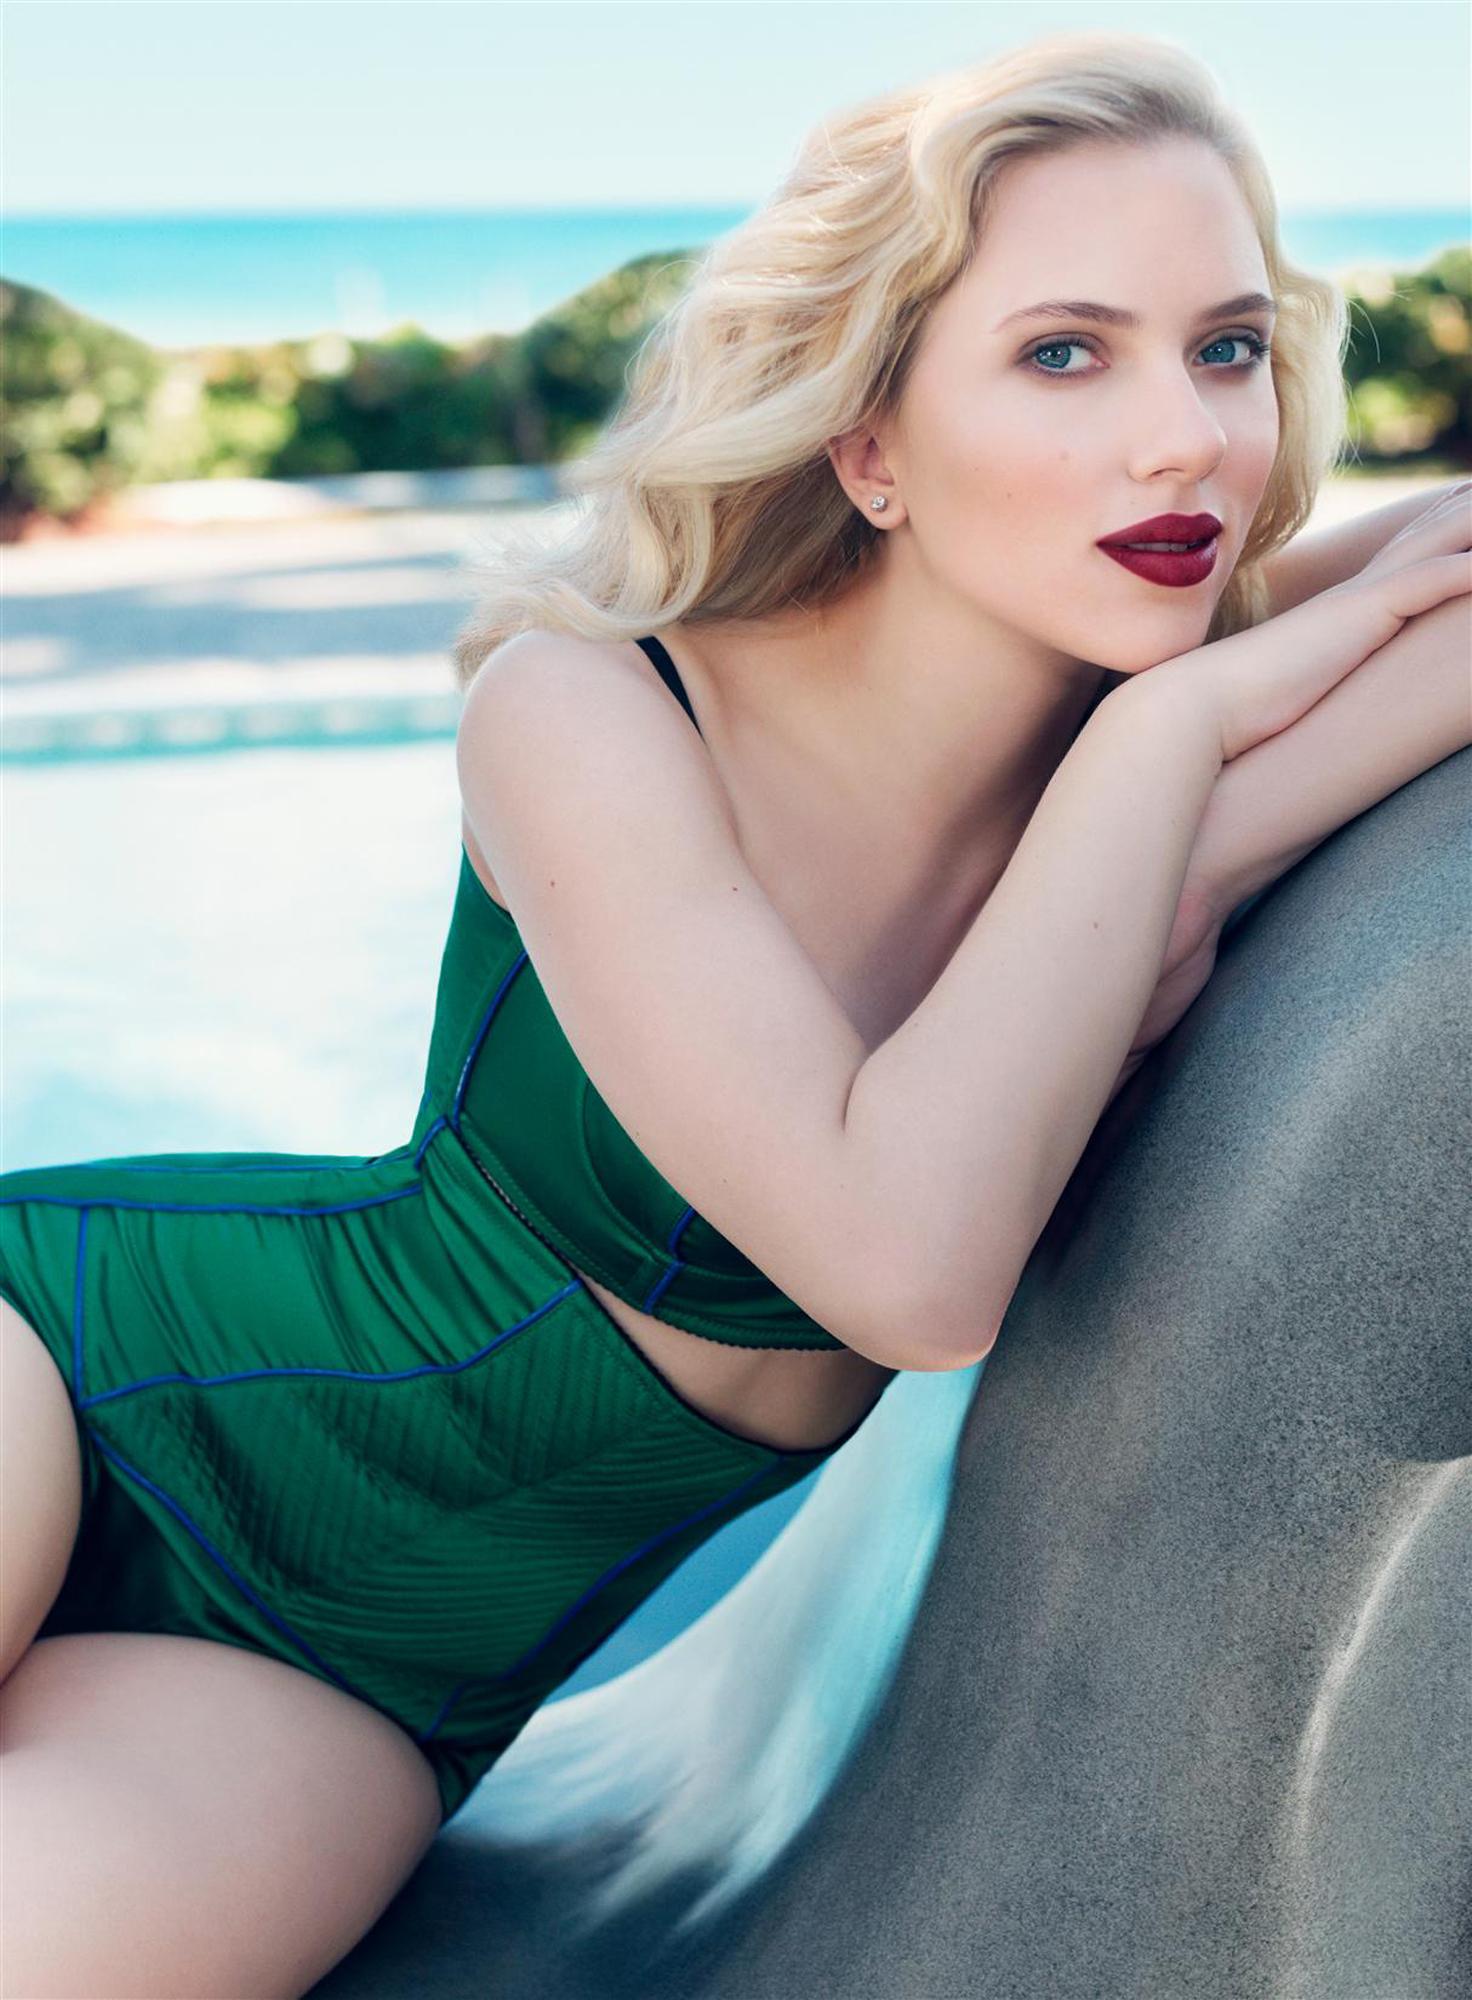 Scarlett Johansson in style | Photo files Scarlett